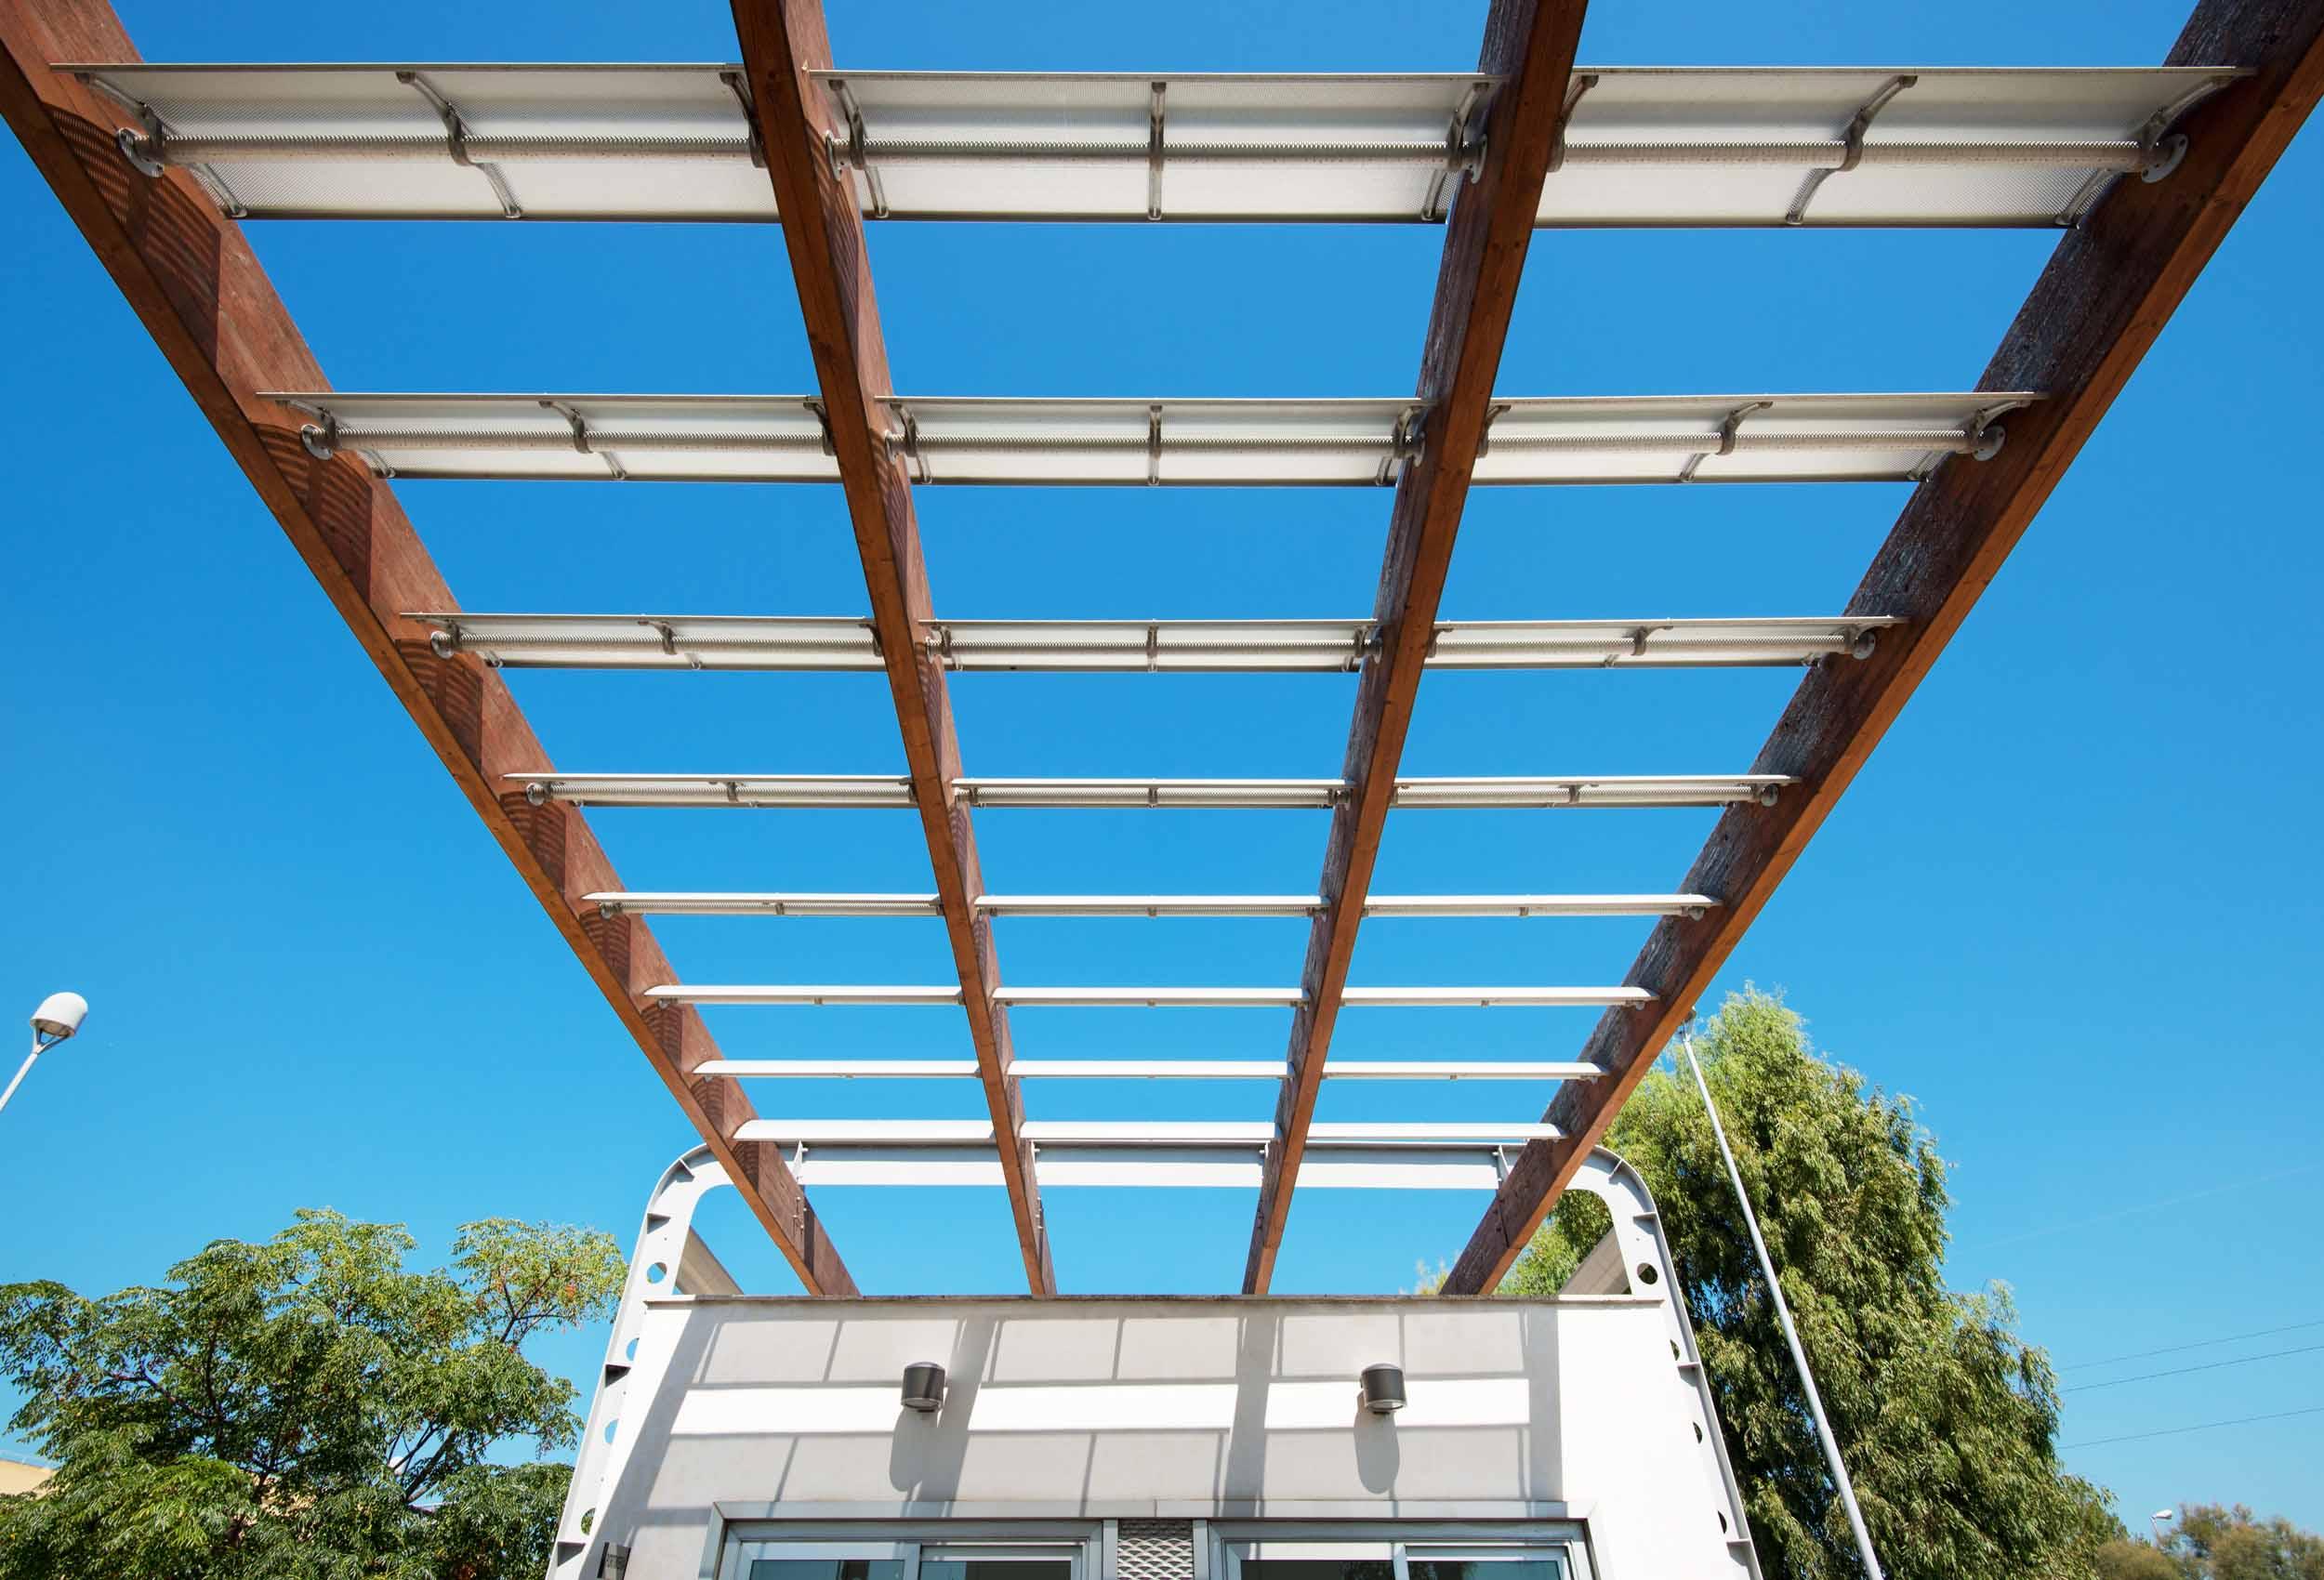 studio-architettura-uffici-roma-varchi-futuristici4